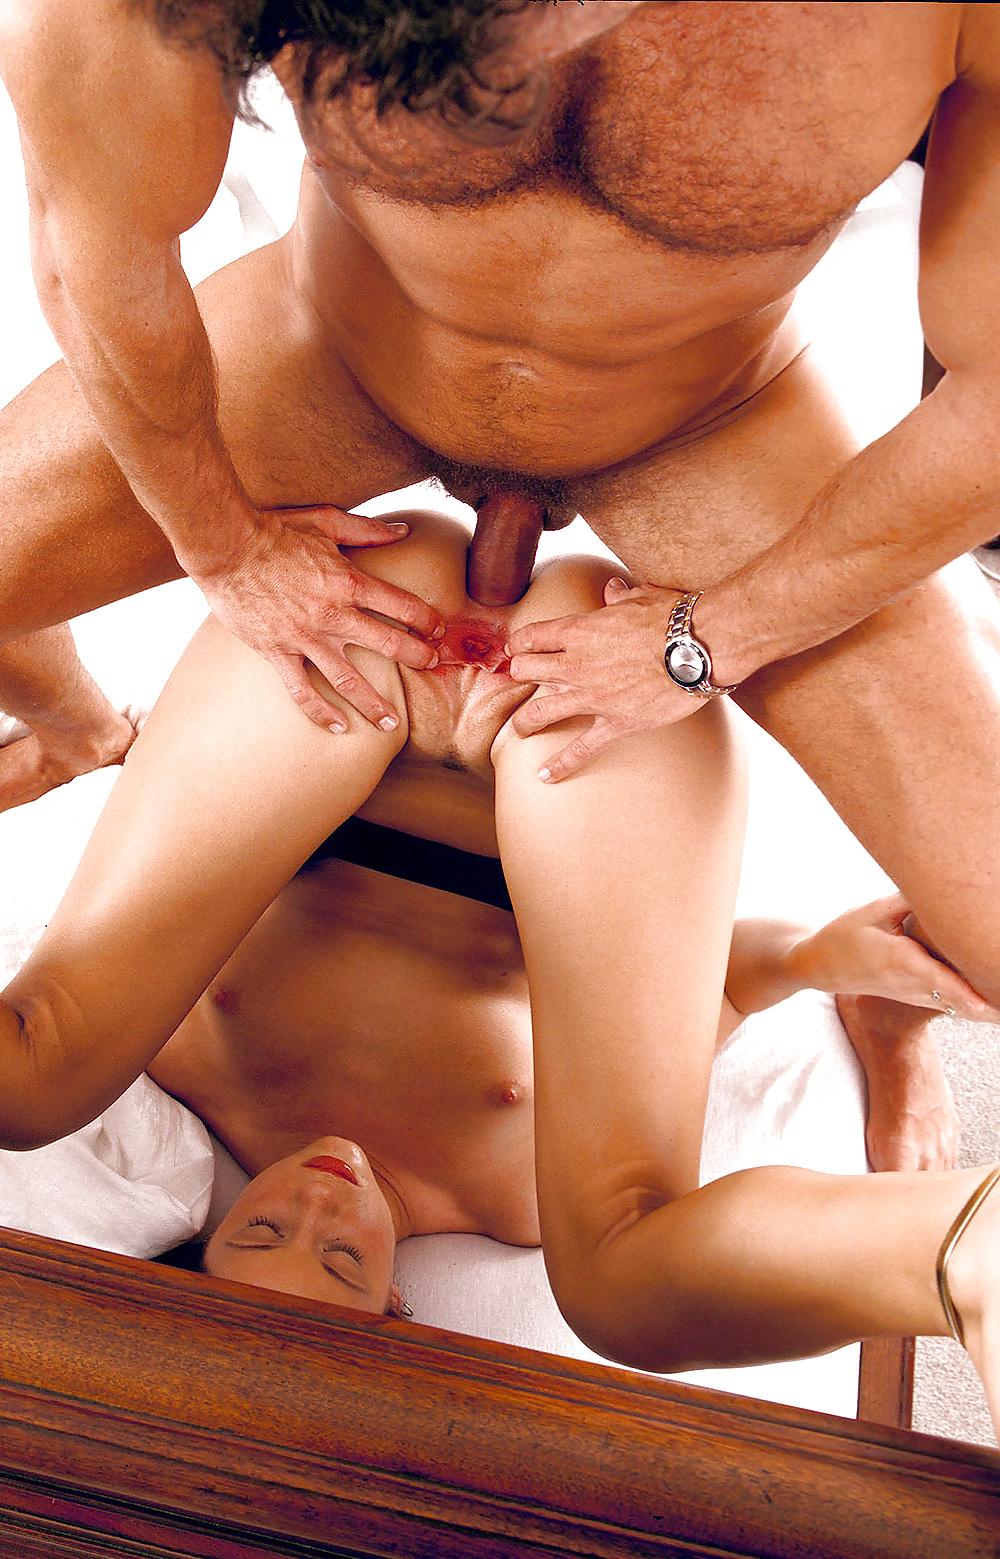 секс во всех подробностях видео просто